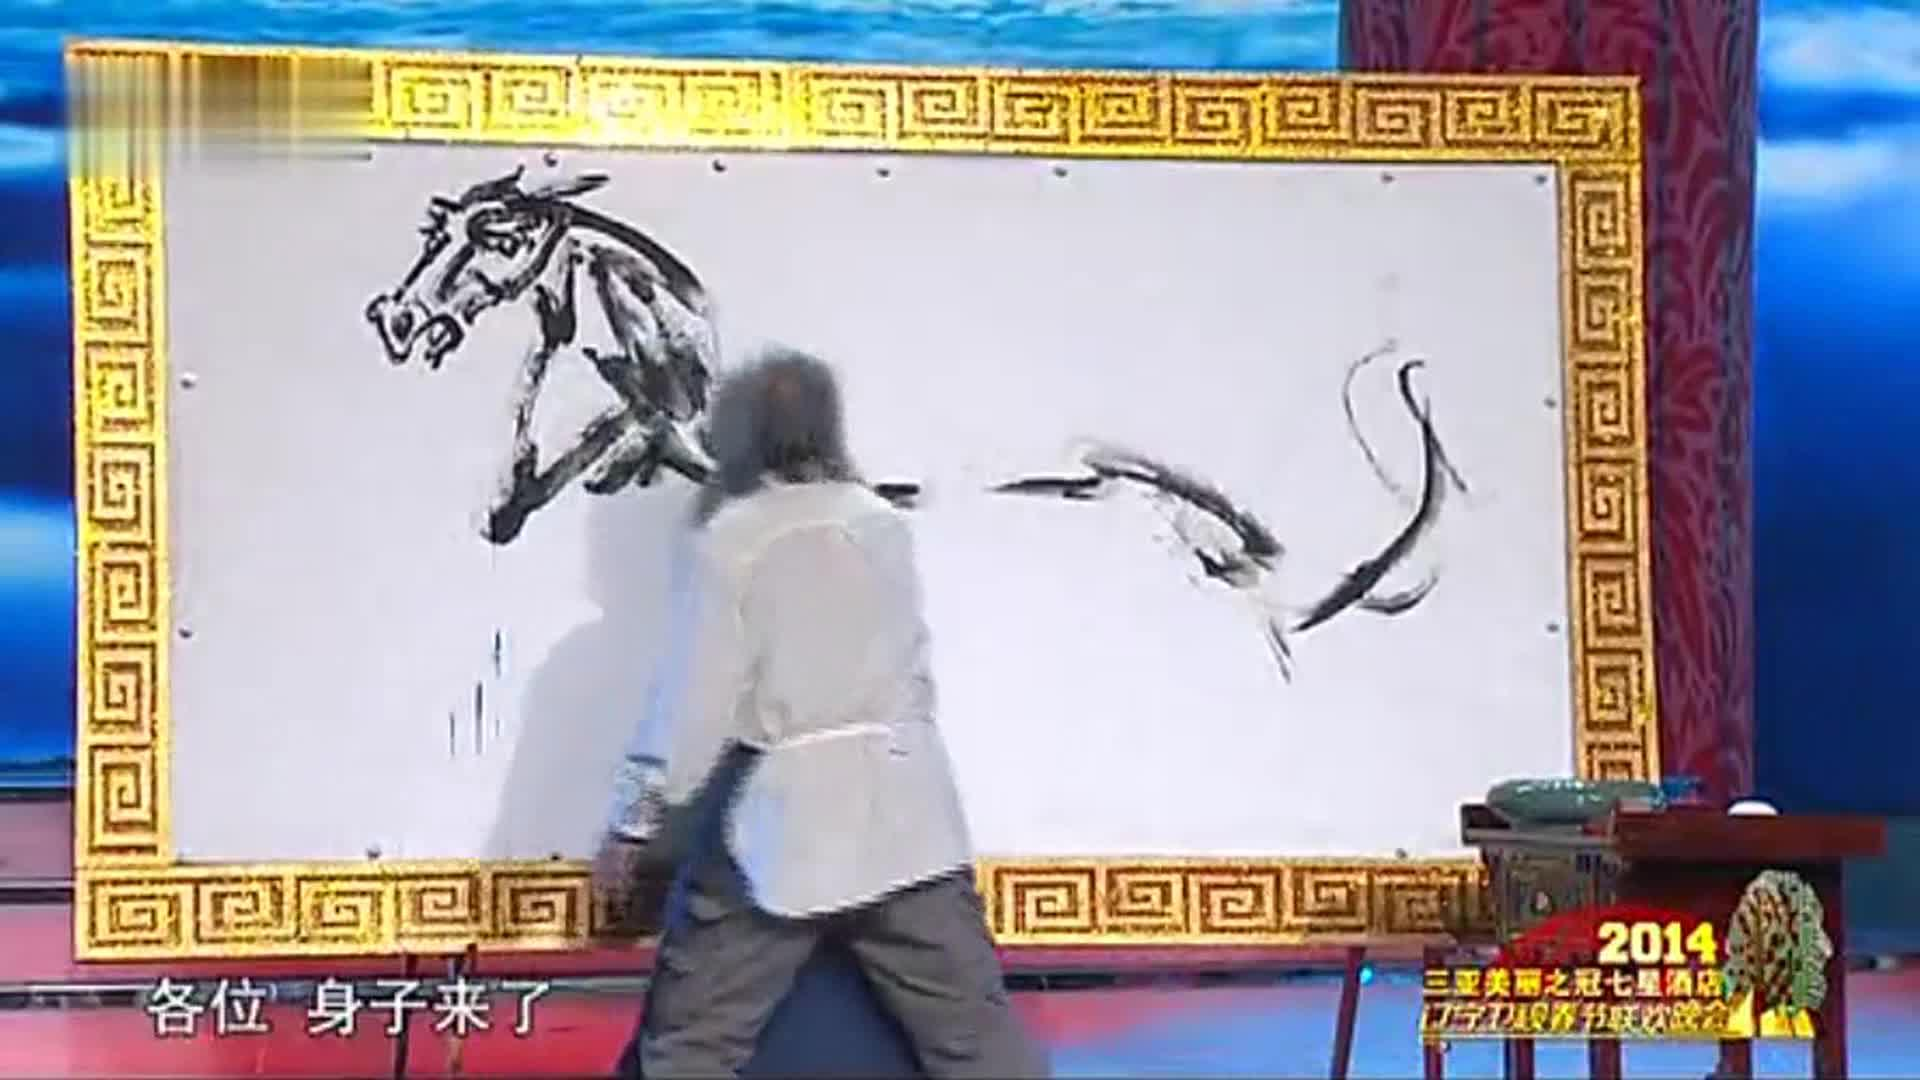 许勇秀才艺《一马当先》:神奇的绘画太厉害了!